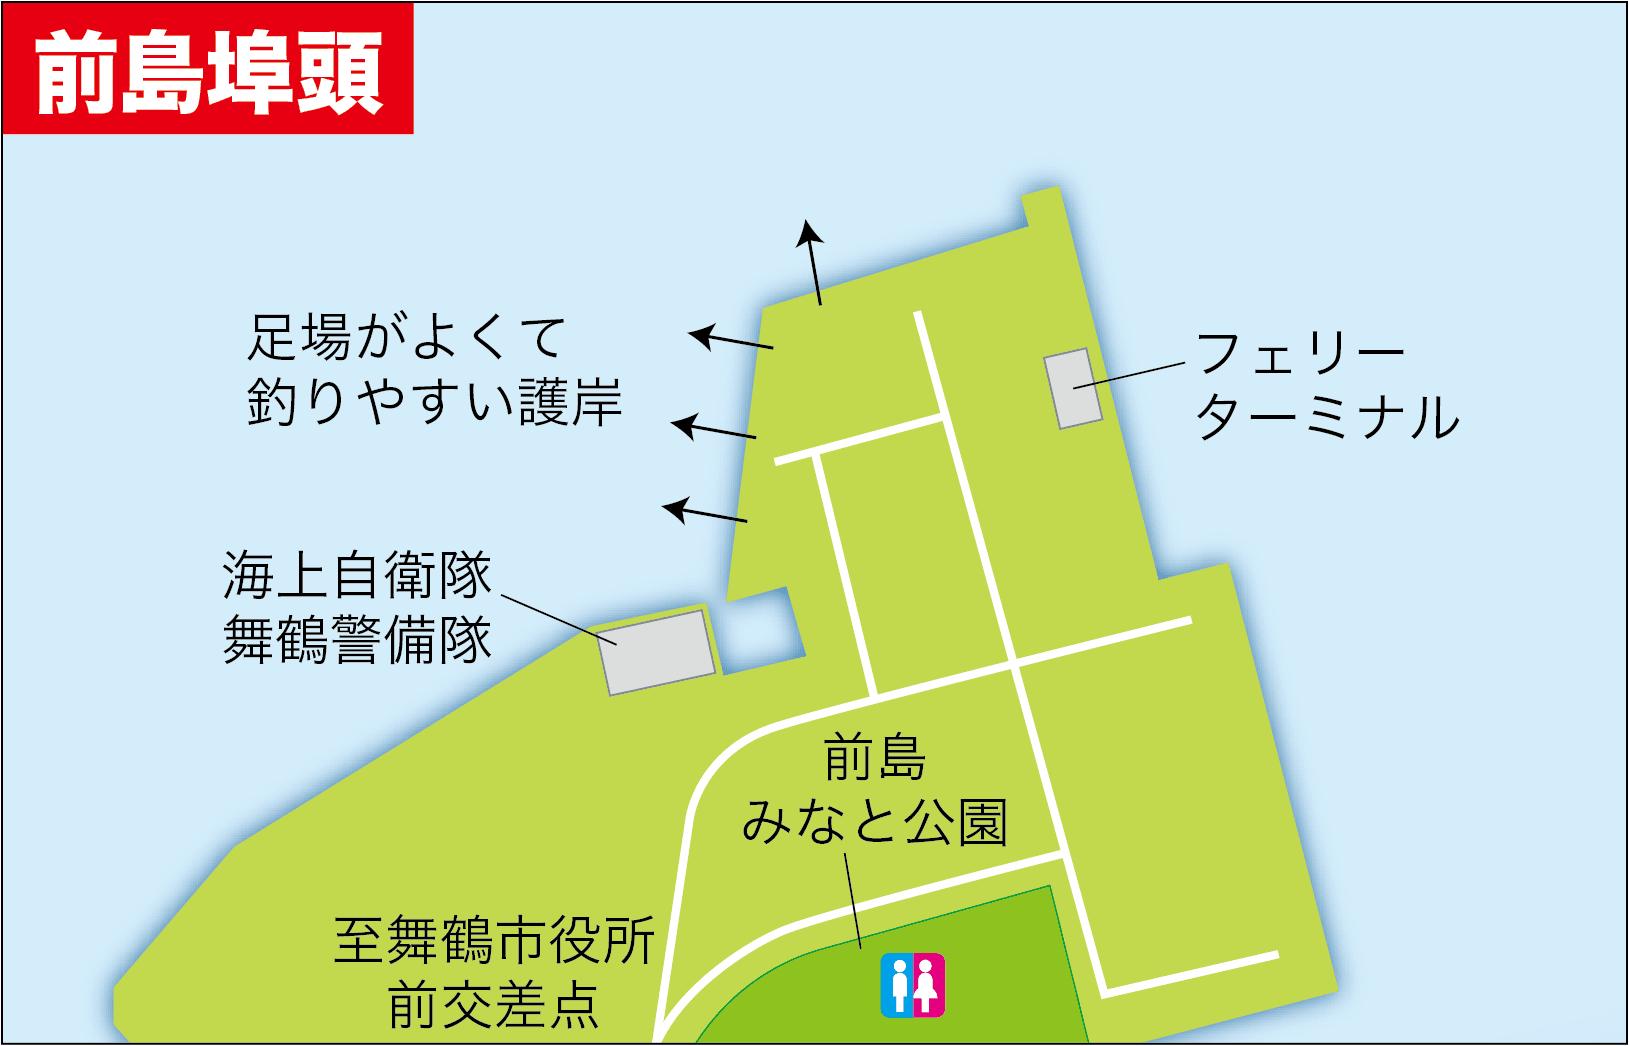 のべ竿大漁4-舞鶴9